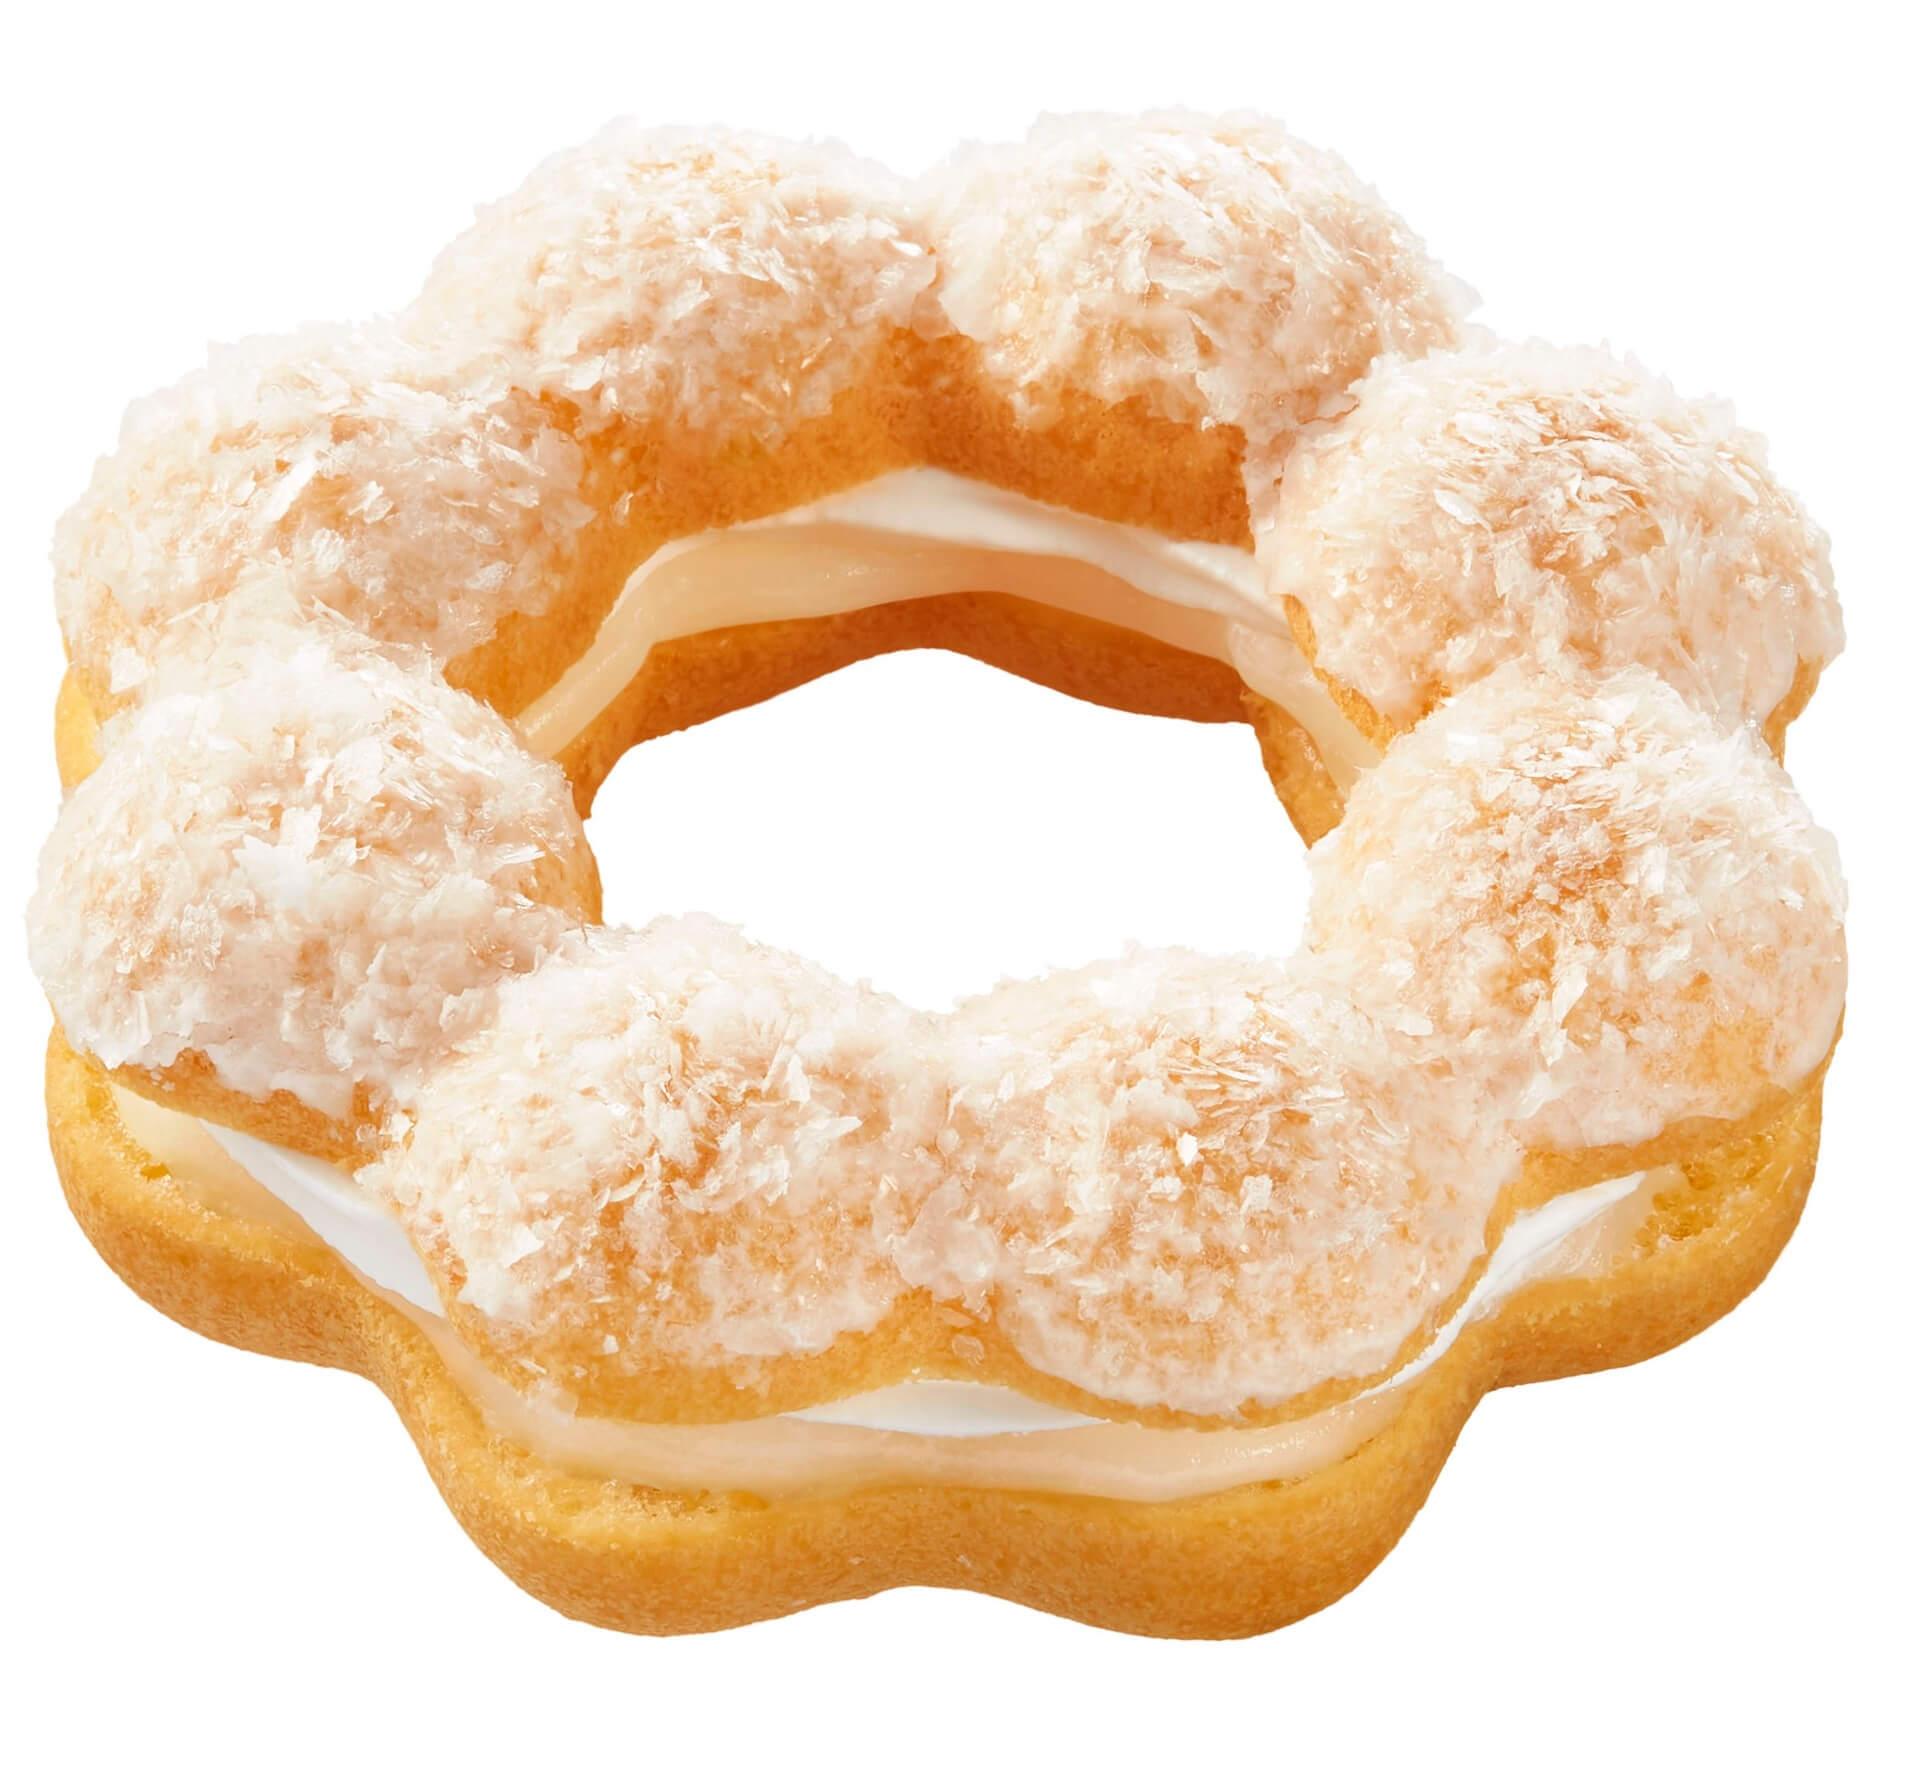 ミスタードーナツにもち×ドーナツの新食感スイーツ誕生!『もちクリームドーナツコレクション』全6種類が発売決定 gourmet200630_misterdonuts_4